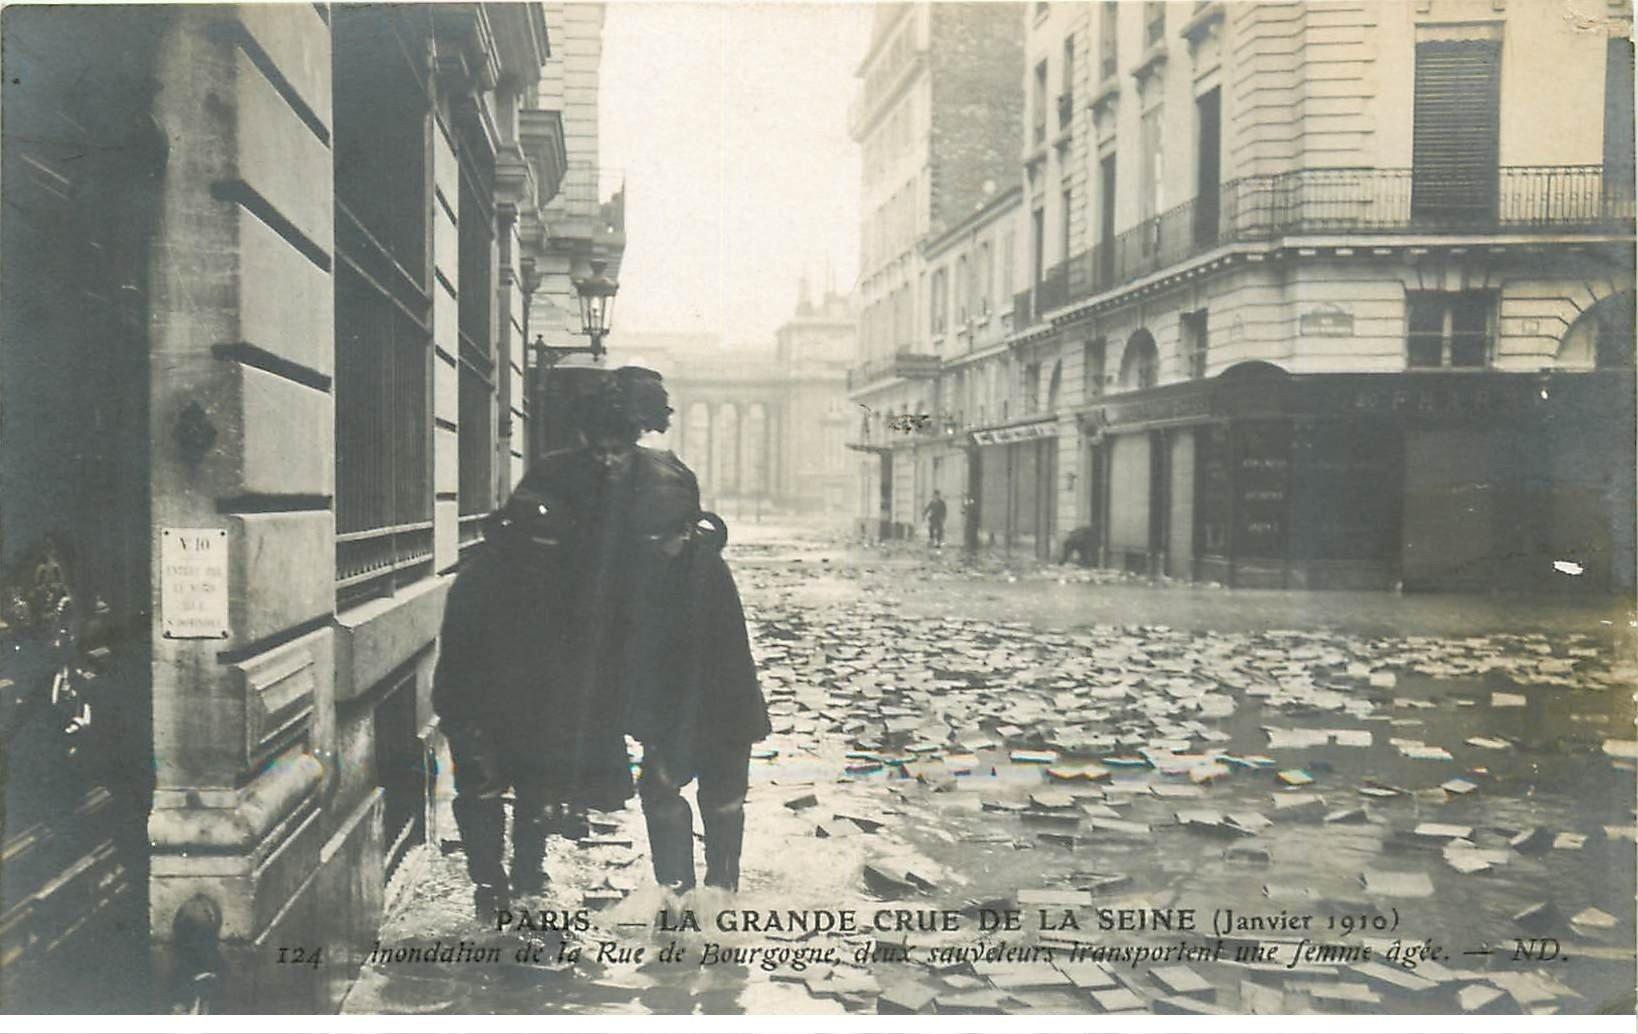 carte postale ancienne INONDATION DE PARIS 1910. Rue de Bourgogne Sauveteurs transportant une Femme agée